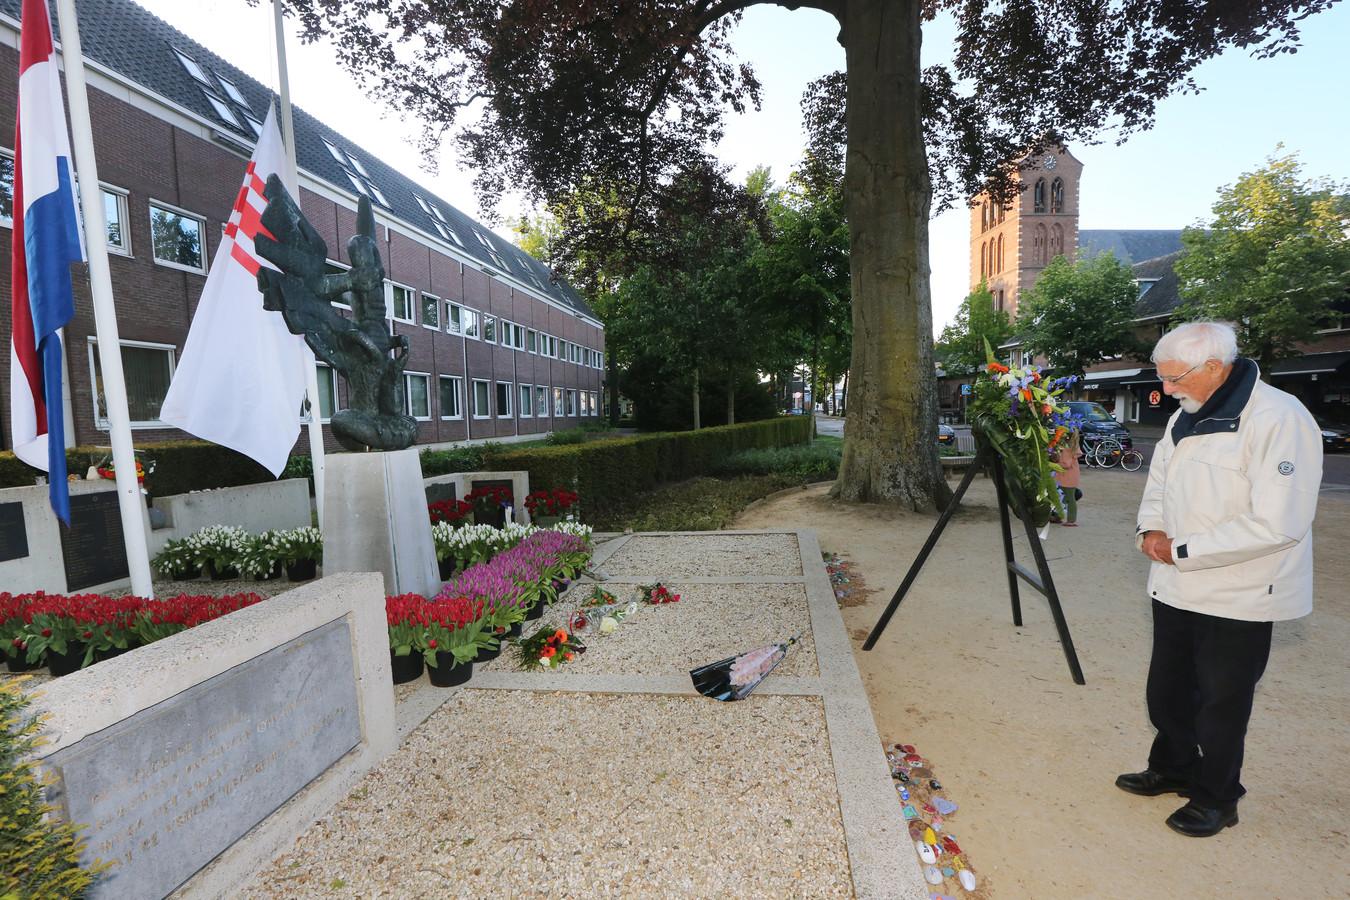 Indië-veteraan Ben Willems (92) is de enige die op 4 mei om acht uur bloemen komt leggen bij het oorlogsmonument aan de Gemullehoekenweg in Oisterwijk.